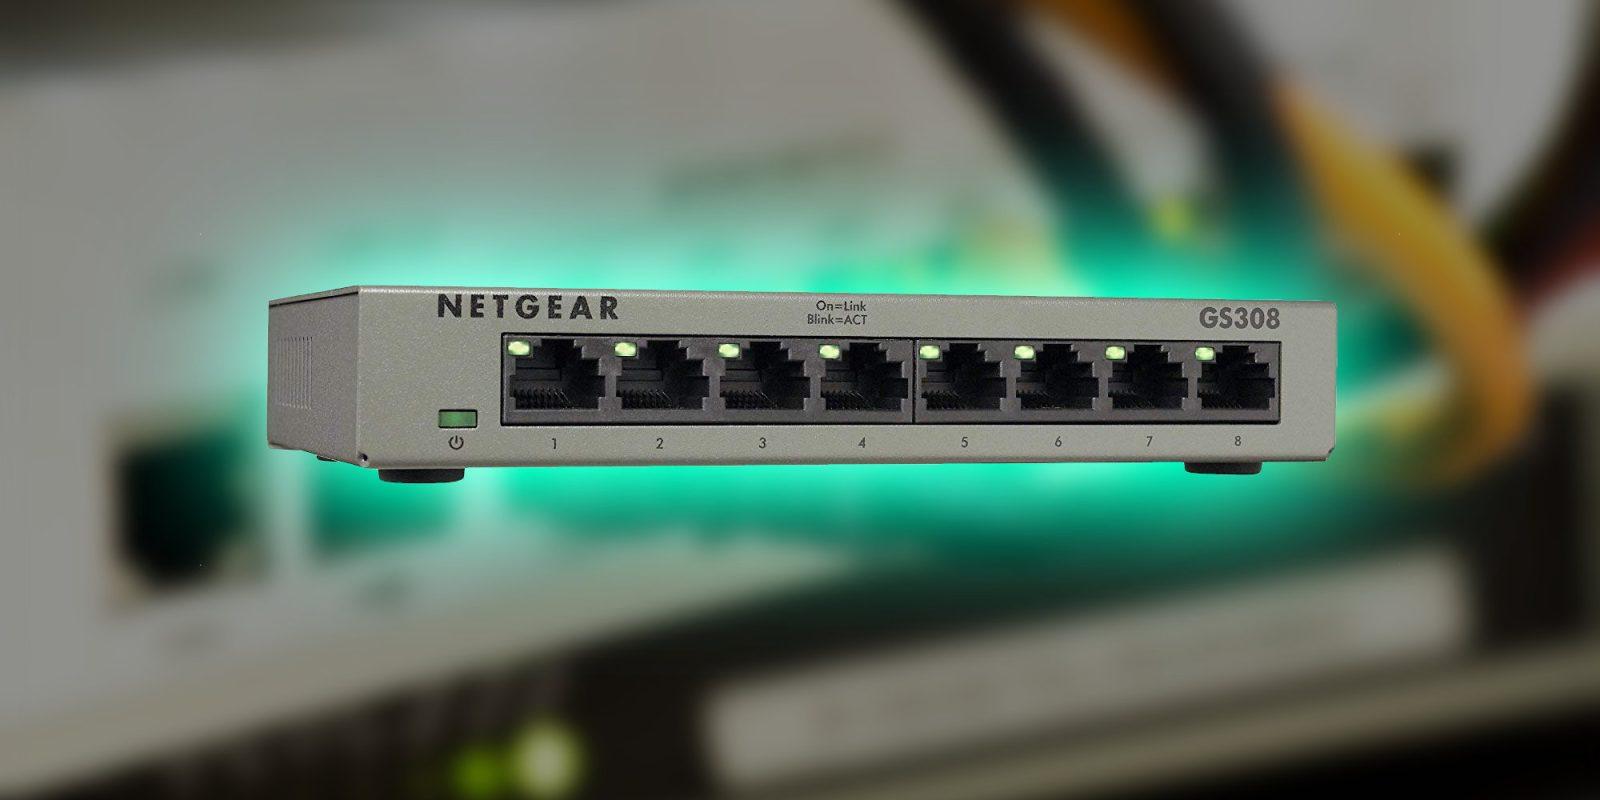 Organize smart home hubs w/ Netgear's 8-Port Ethernet Switch: $13 (Reg. $20)